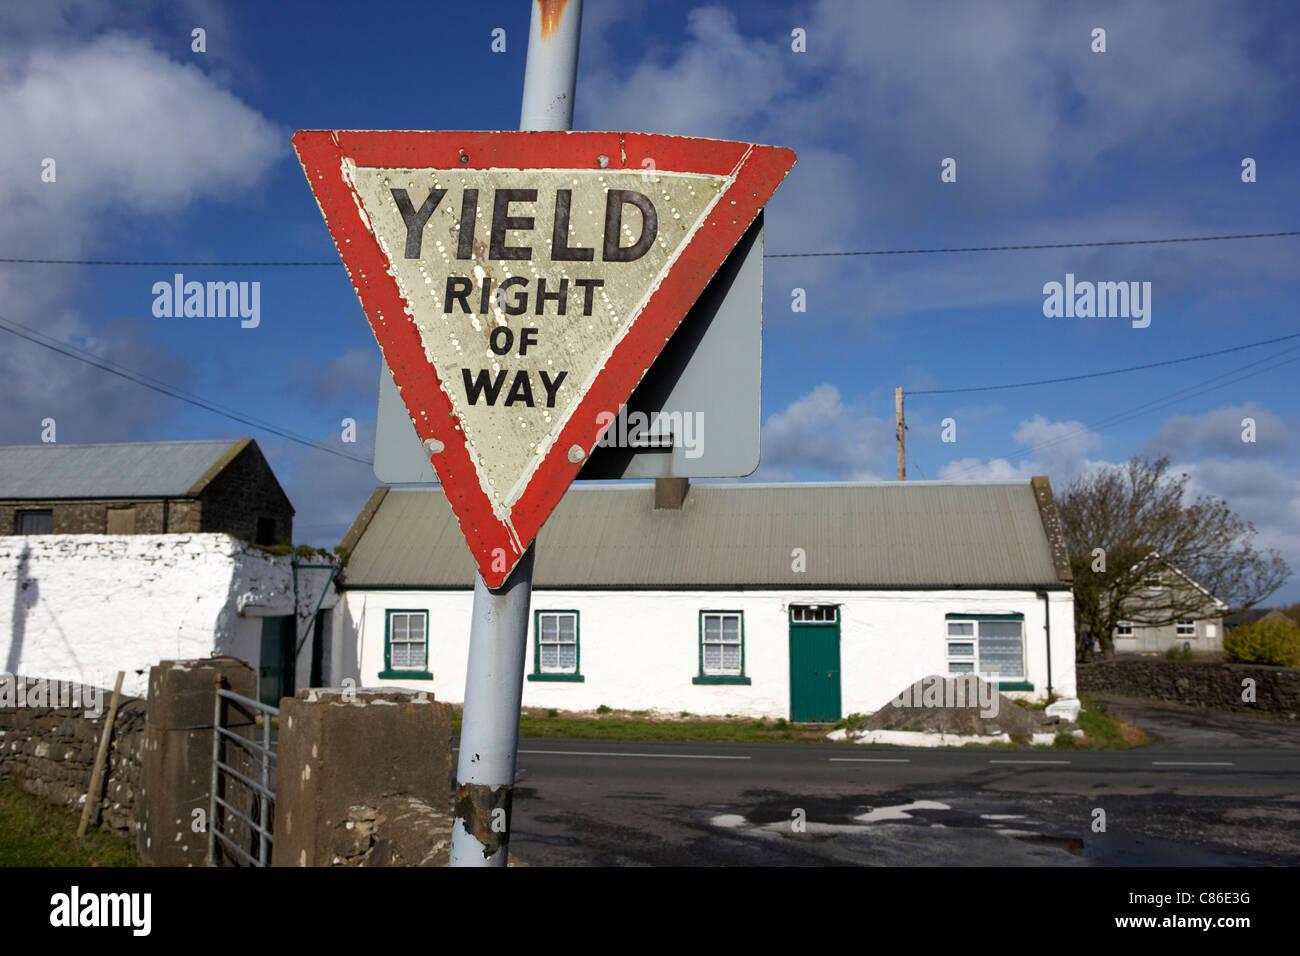 alte irische rote Dreieck Ertrag Vorfahrt Zeichen im ländlichen Irland Stockbild